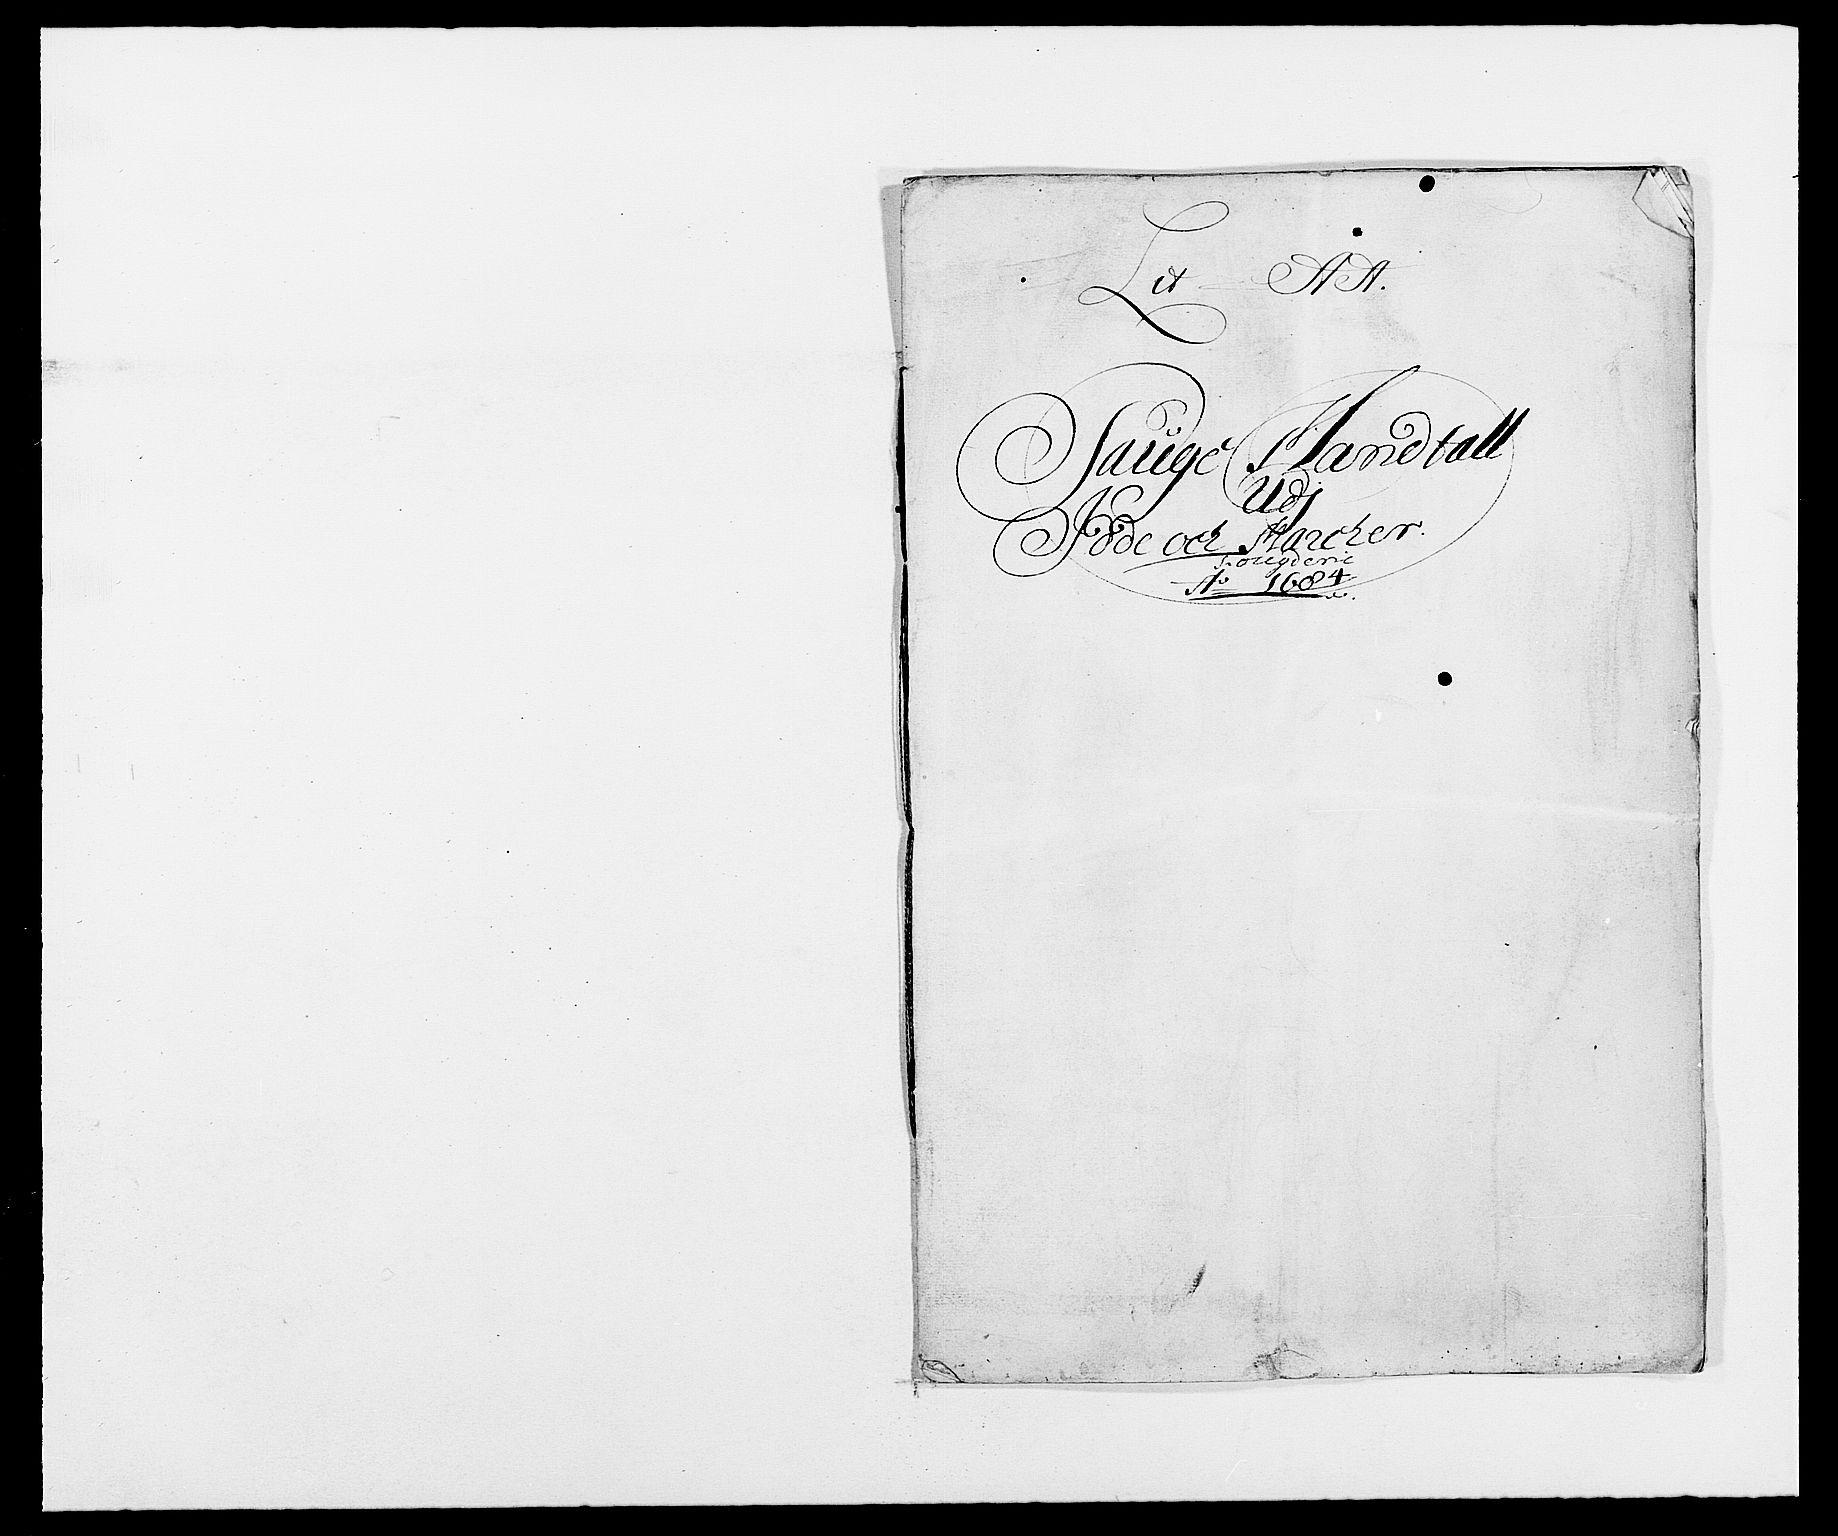 RA, Rentekammeret inntil 1814, Reviderte regnskaper, Fogderegnskap, R01/L0005: Fogderegnskap Idd og Marker , 1682-1684, s. 151